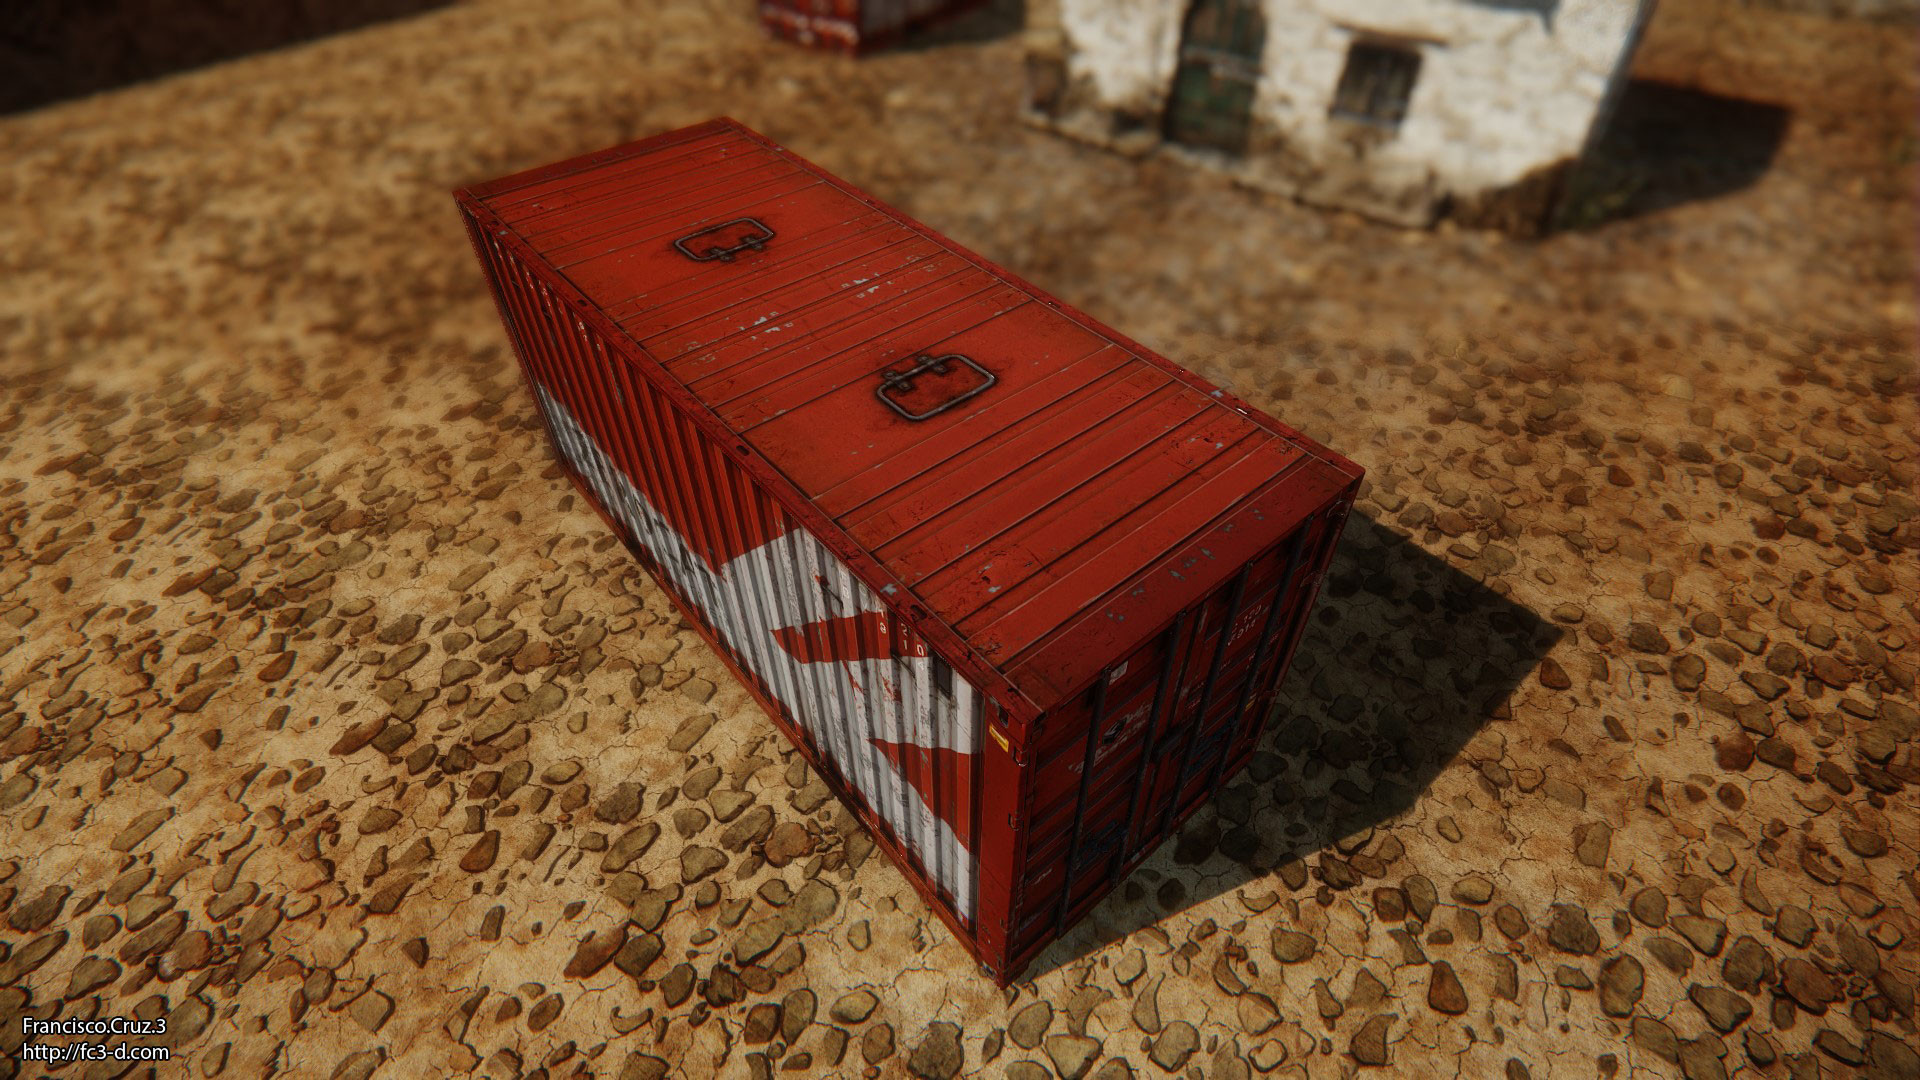 Francisco cruz fc3 container 09